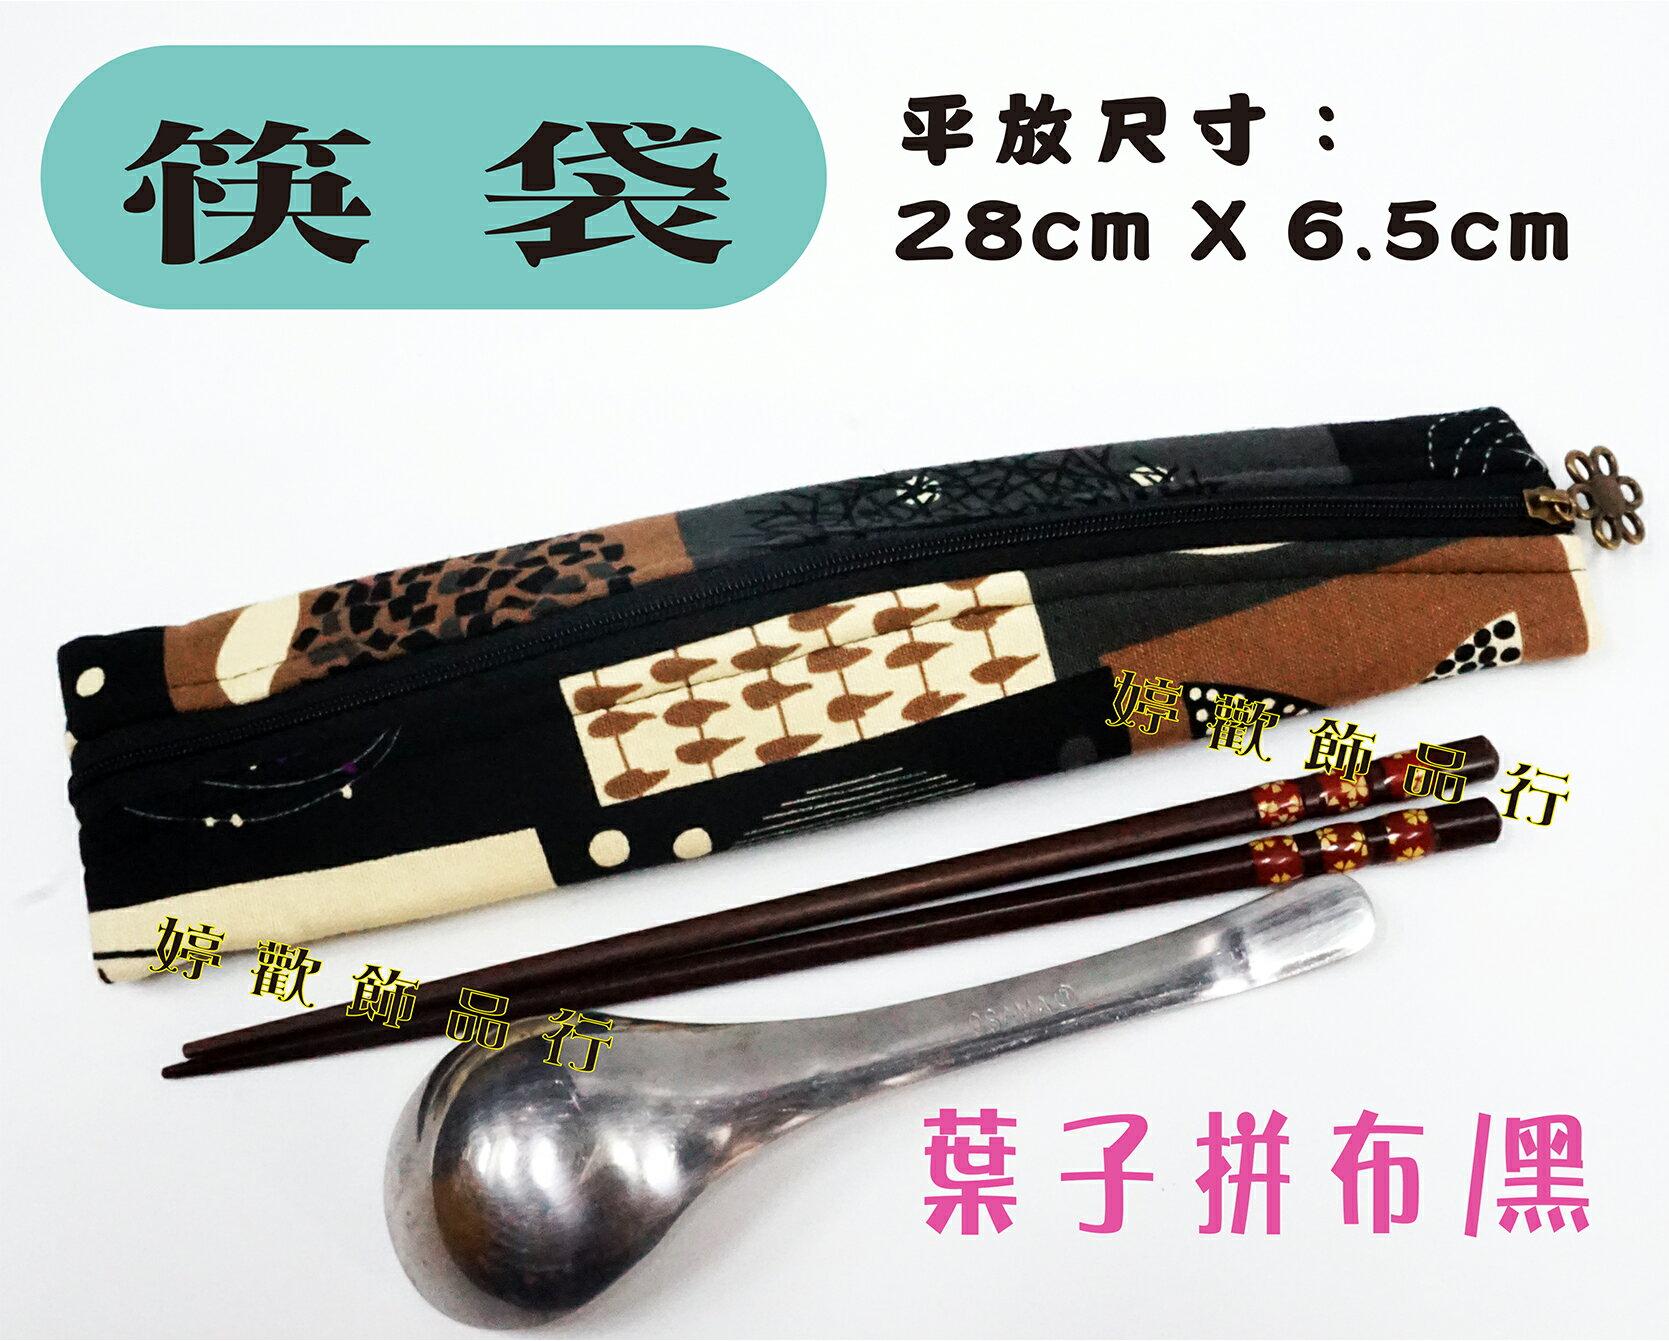 筷袋/牙刷袋/台灣製造/日本布料/時尚美觀/葉子拼布